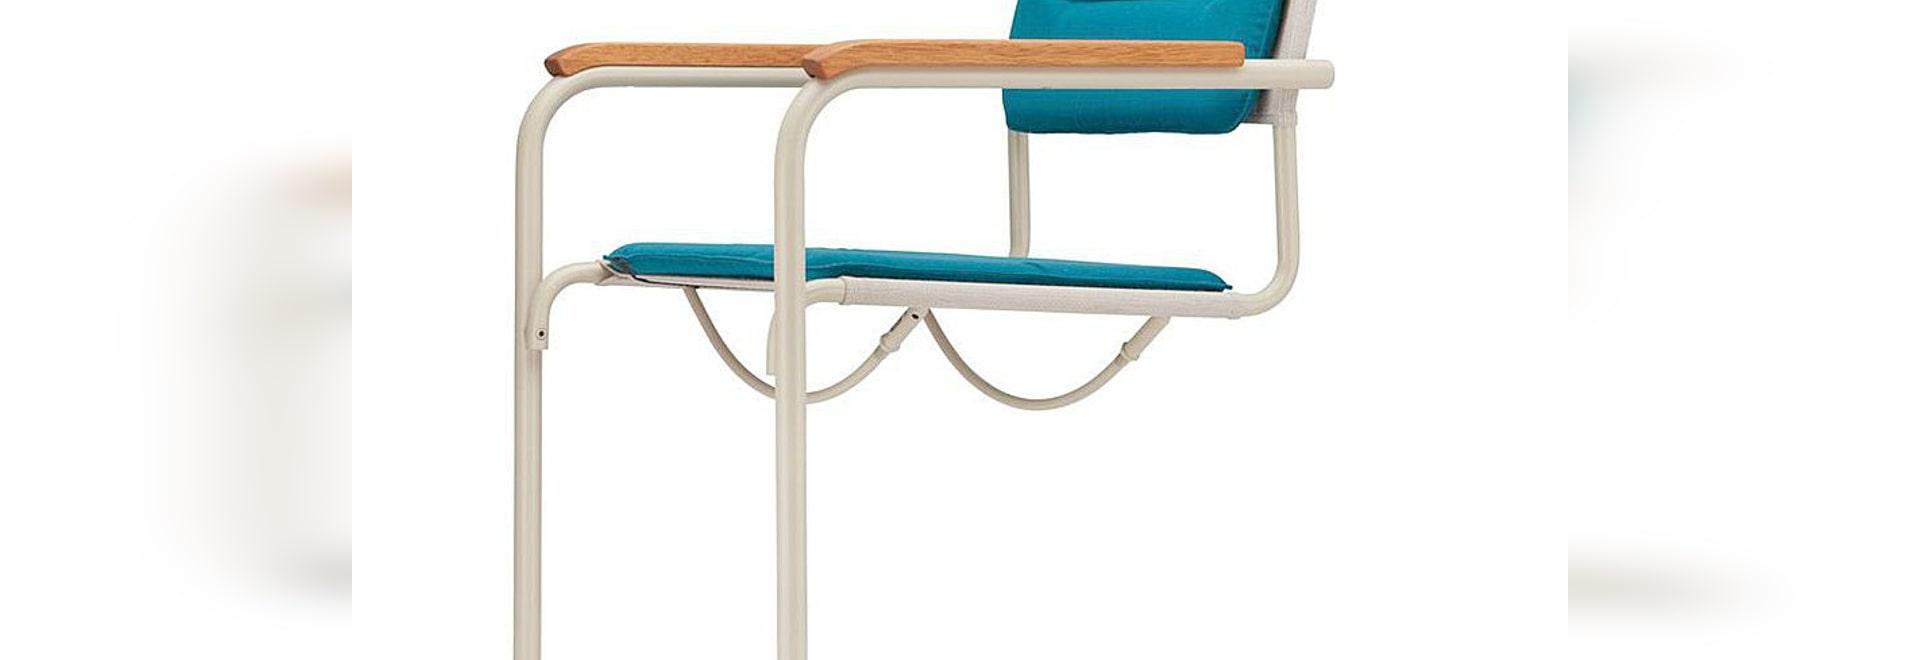 NEU: modern Stuhl by THONET